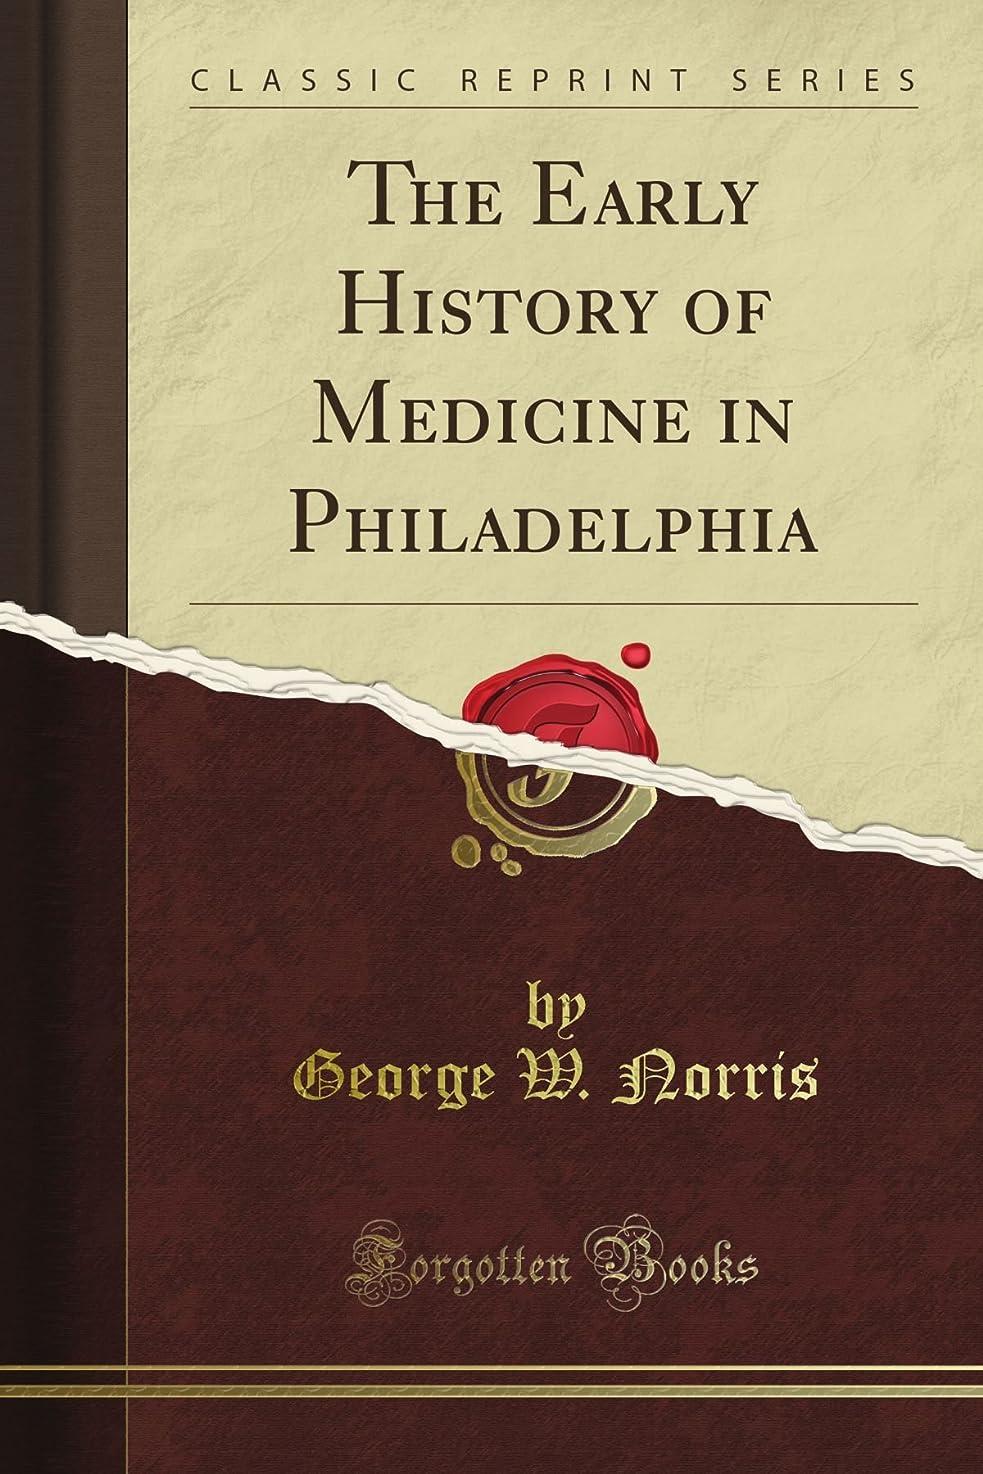 チーズ巡礼者銀行The Early History of Medicine in Philadelphia (Classic Reprint)